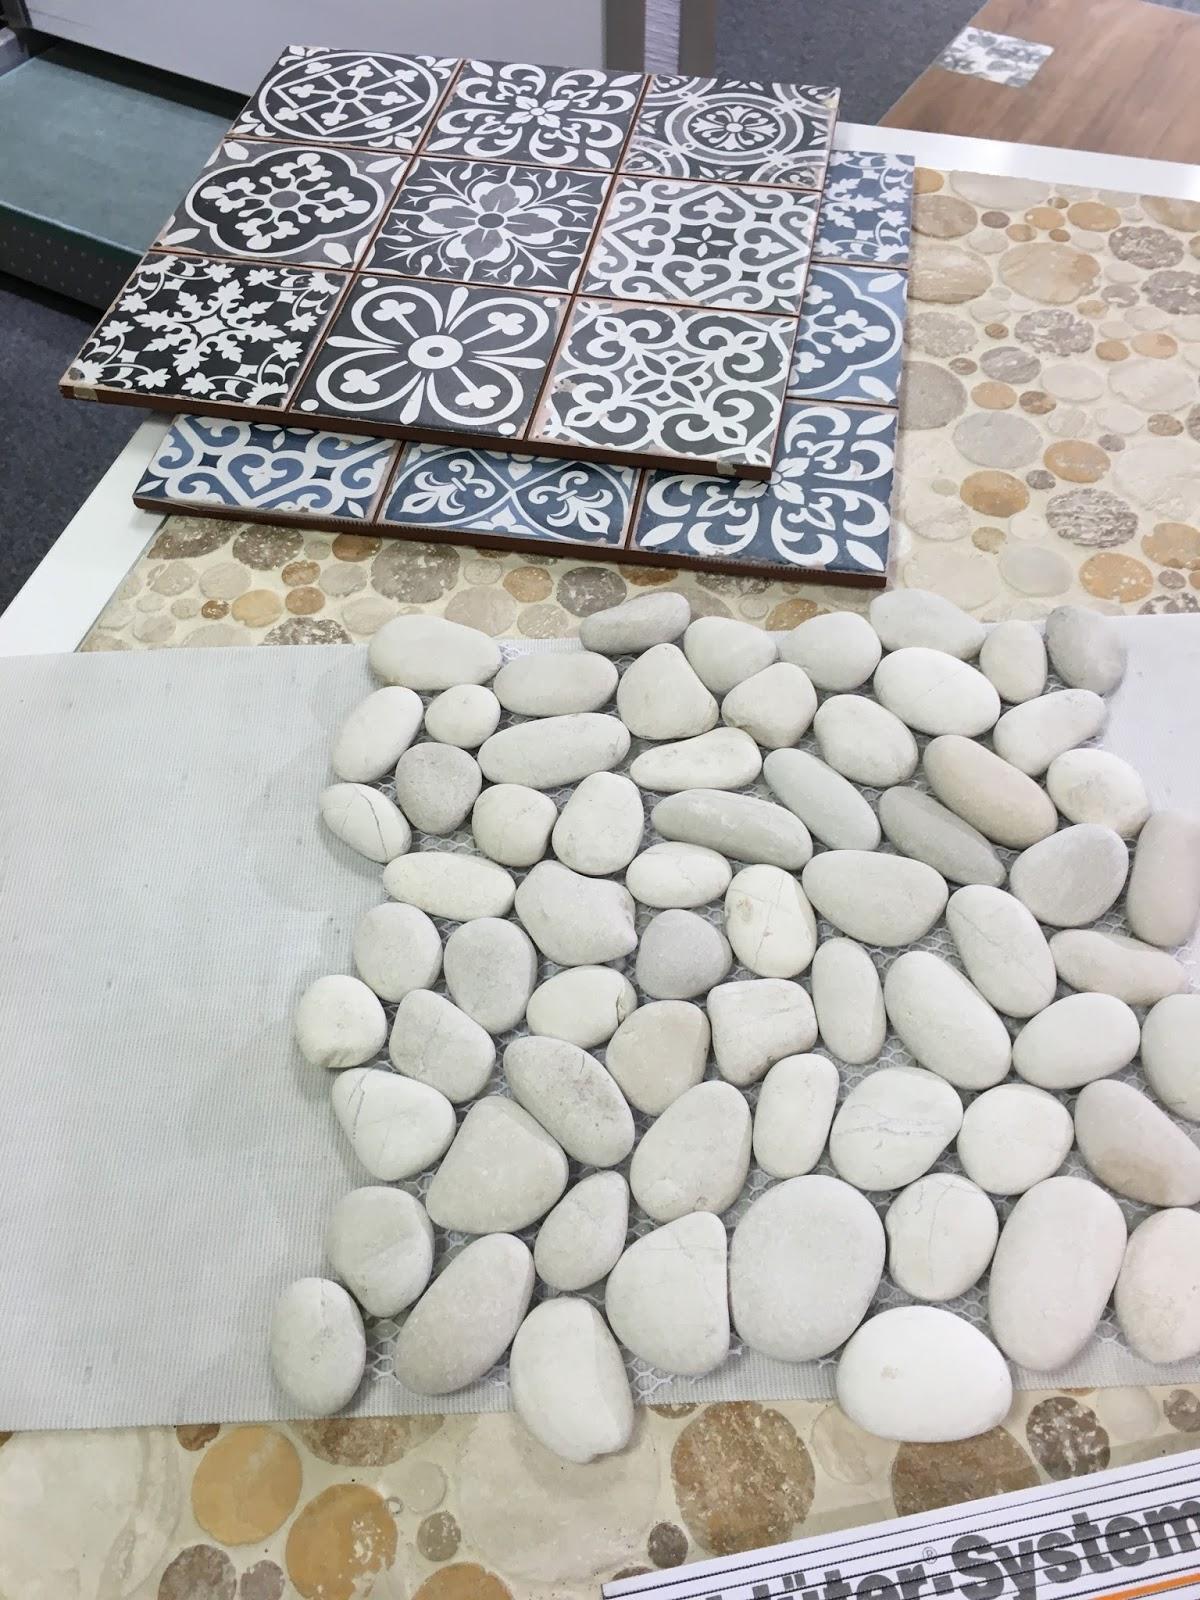 Die Weißen Steine Sind Der Boden Der Dusche Im EG